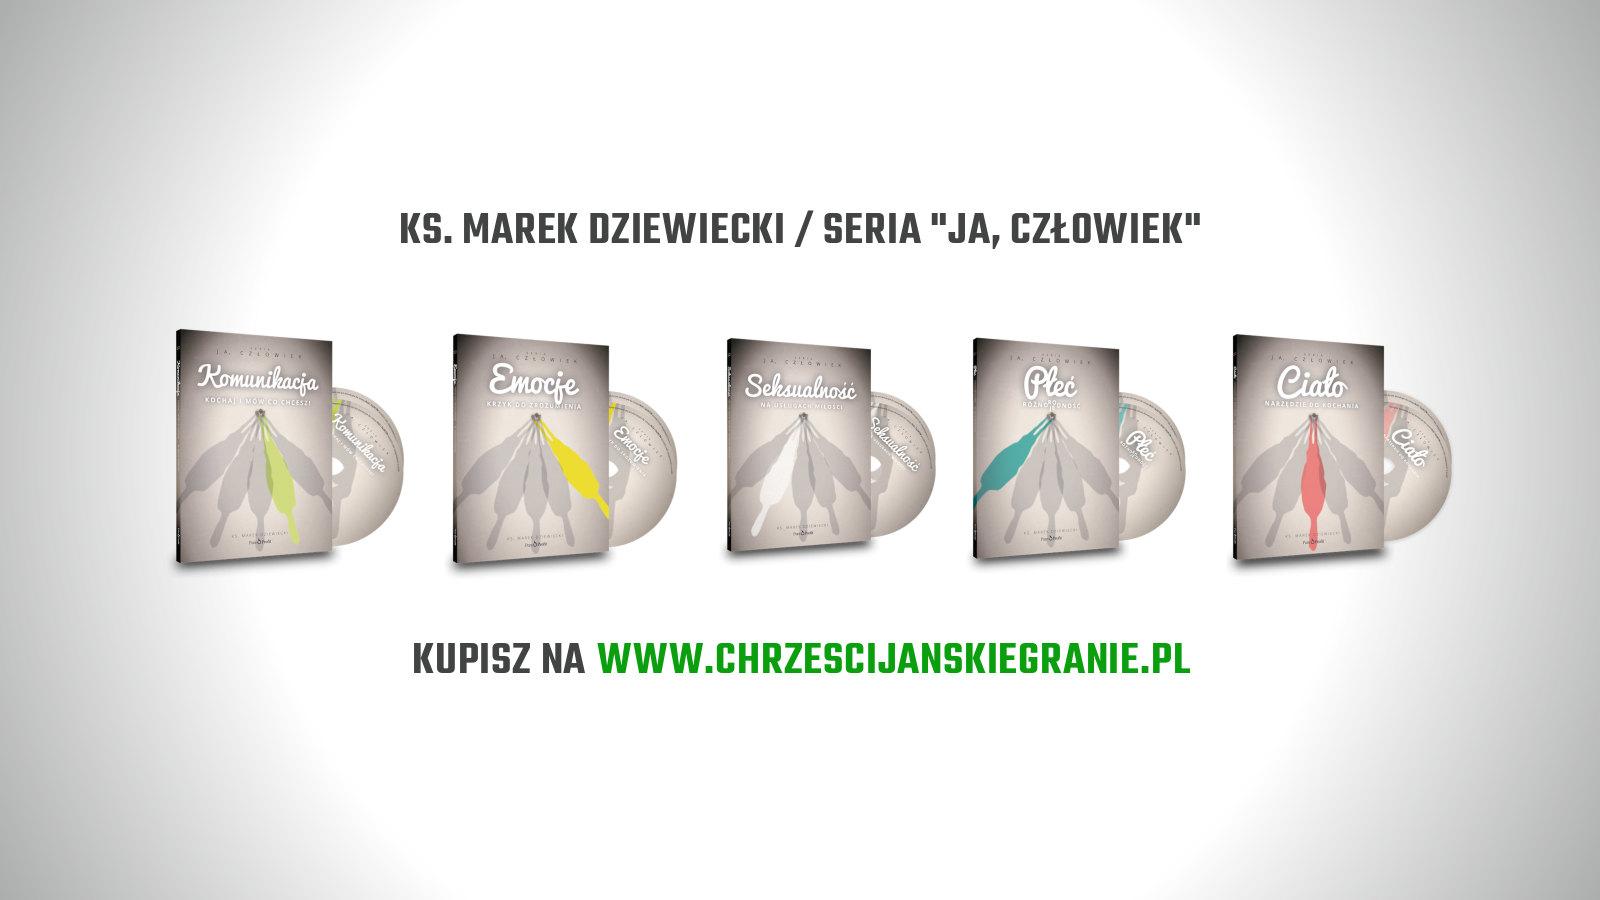 ks. Marek Dziewiecki - seria Ja człowiek